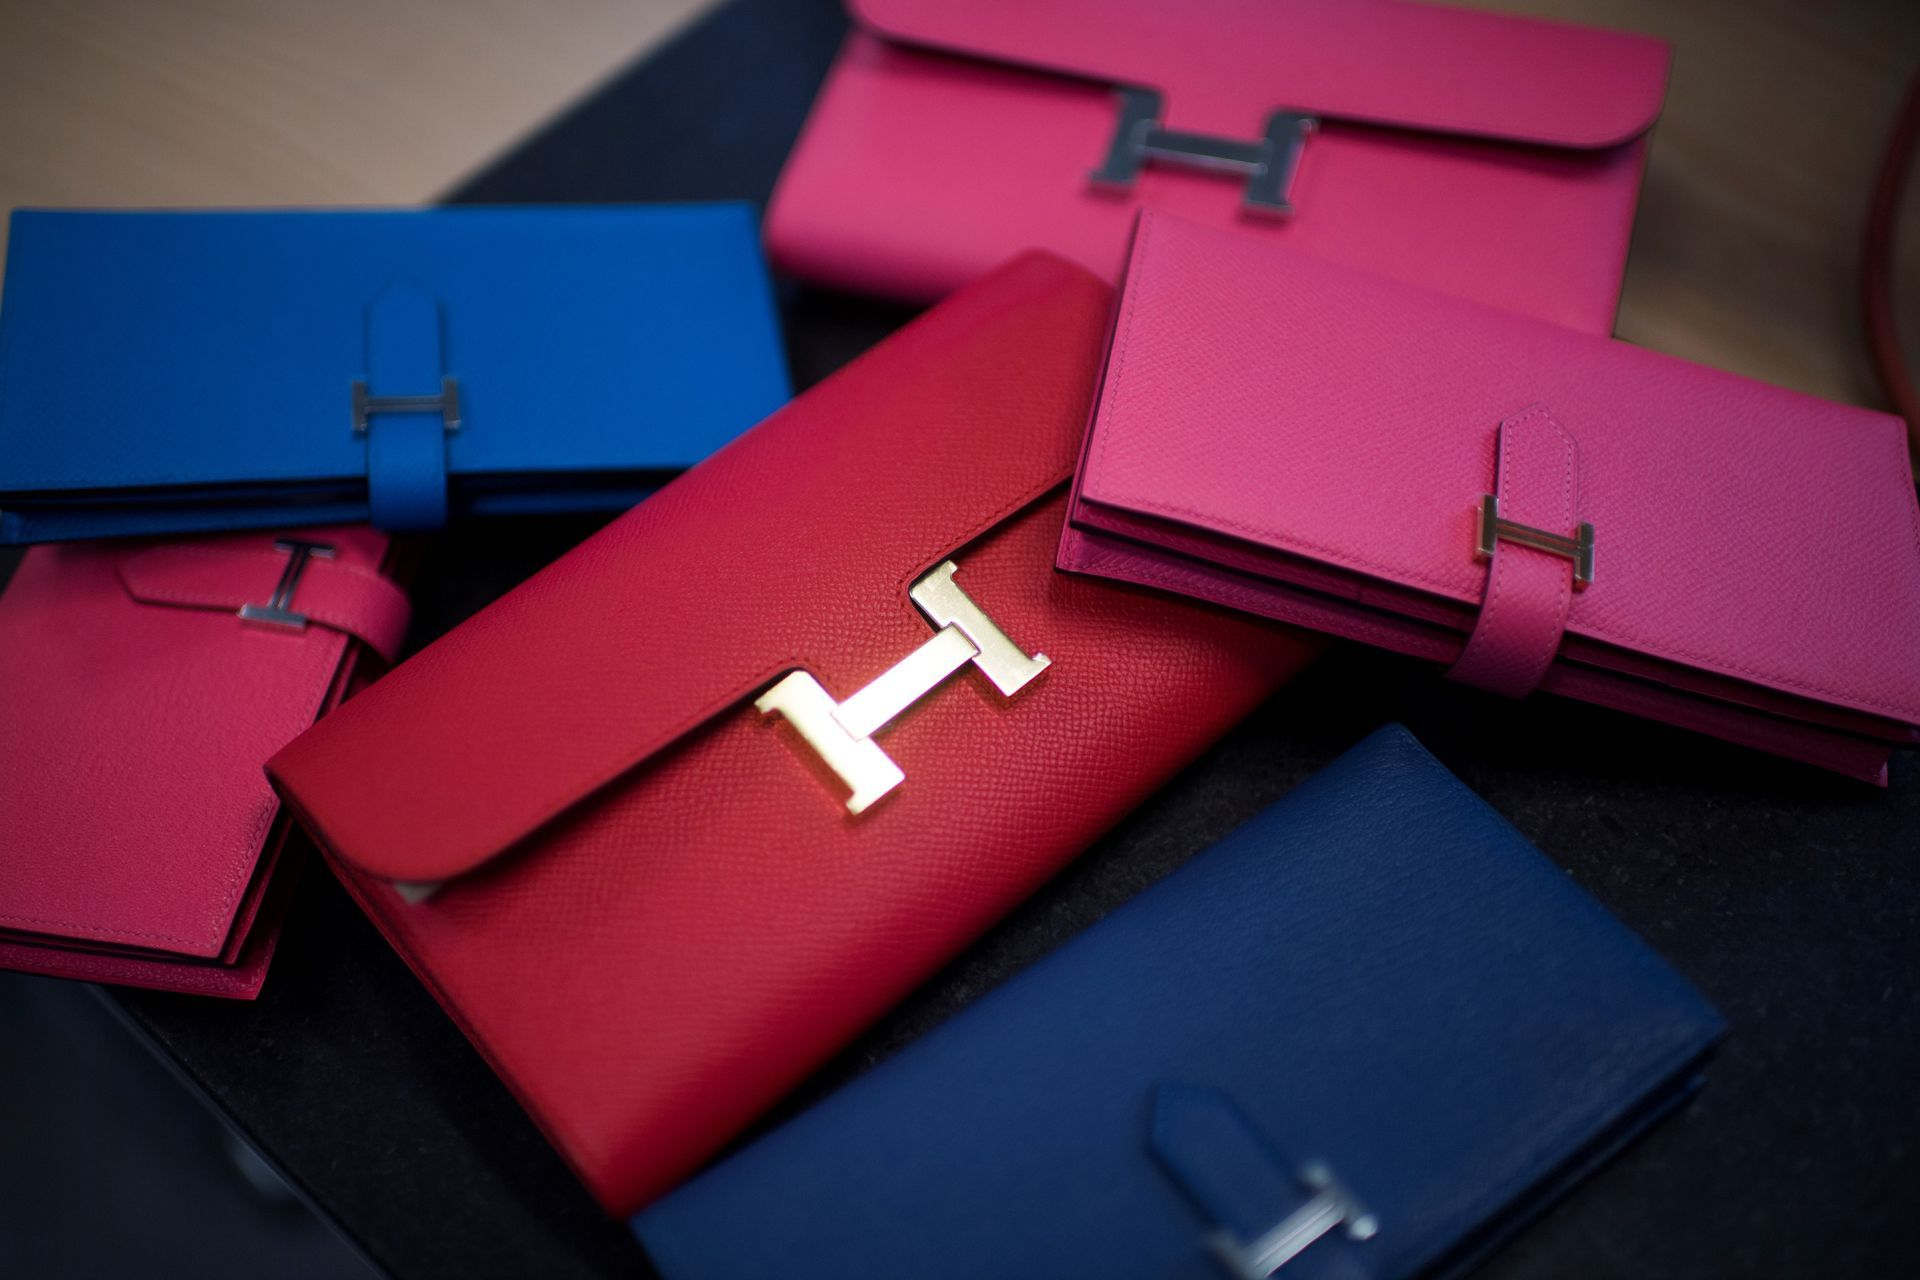 Hermès กวาดยอดขายกว่า 2.7 ล้านดอลลาร์สหรัฐภายใน 1 วัน หลังชอปในจีนกลับมาเปิดให้บริการ